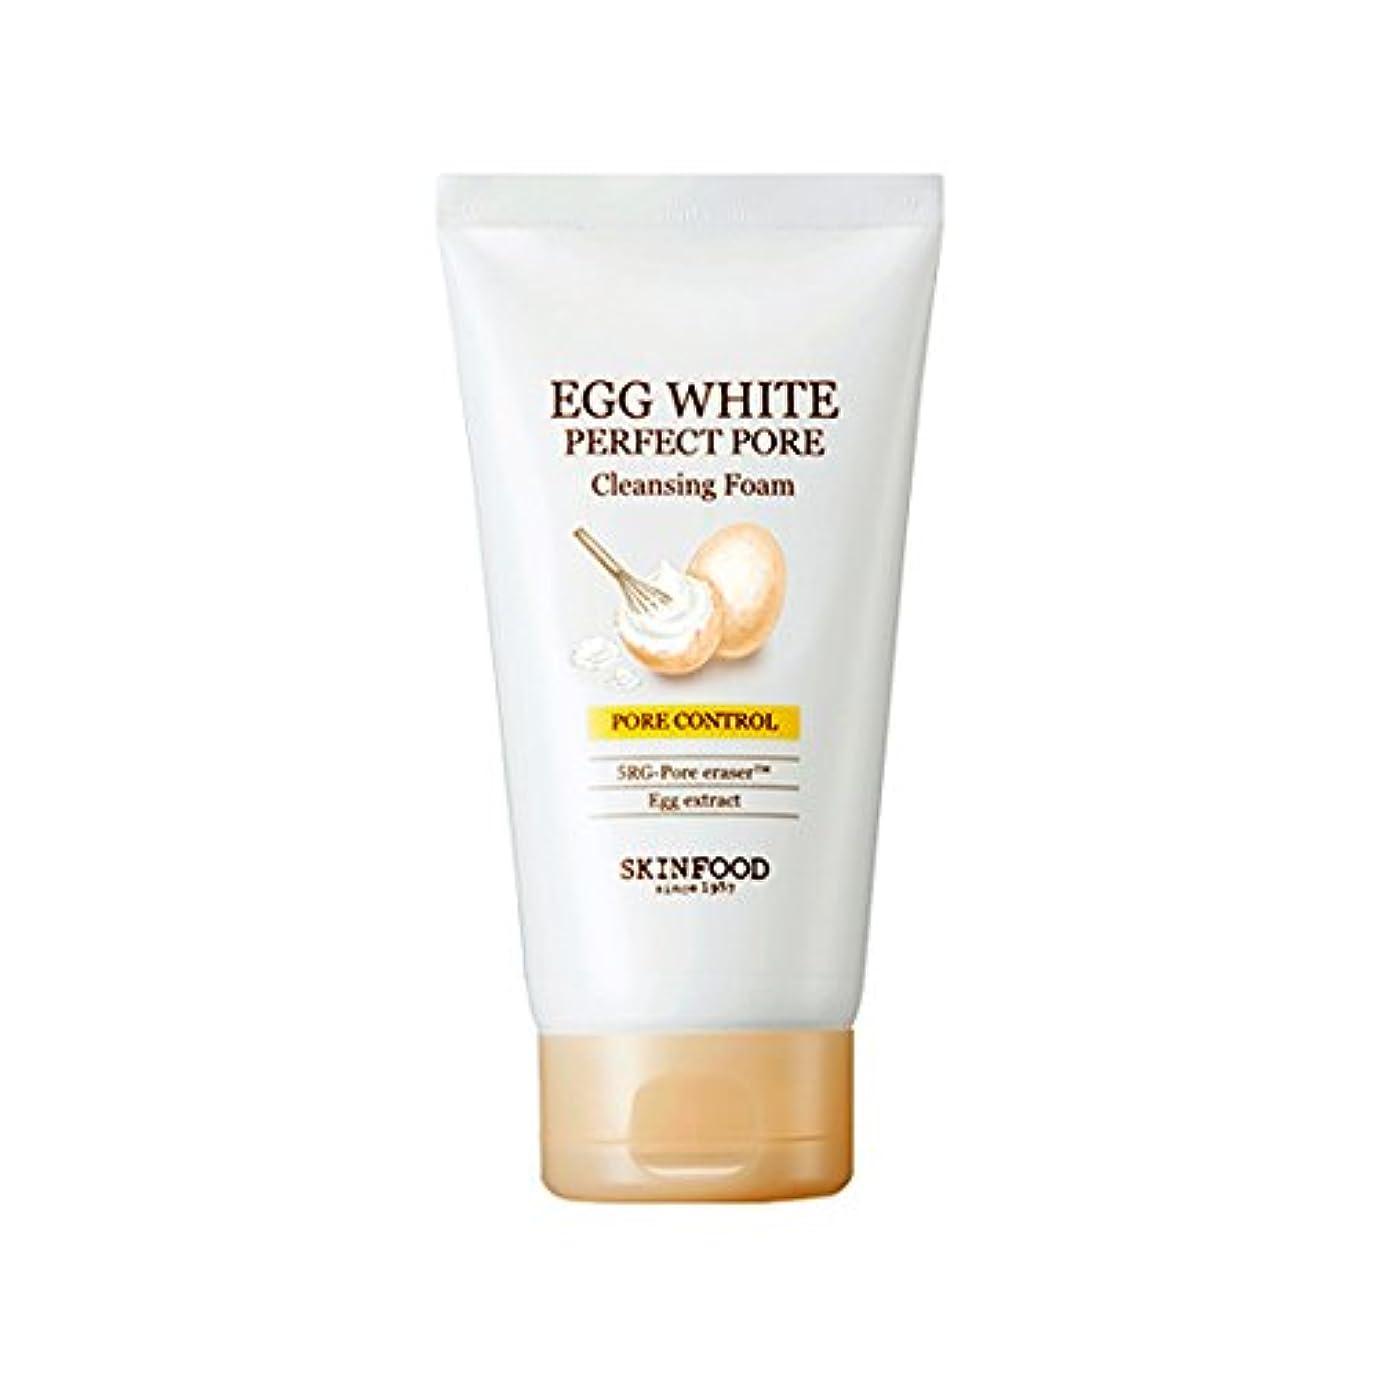 公爵言い直すテレビを見る[2017 New] SKINFOOD Egg White Perfect Pore Cleansing Foam 150ml/スキンフード エッグ ホワイト パーフェクト ポア クレンジング フォーム 150ml [並行輸入品]